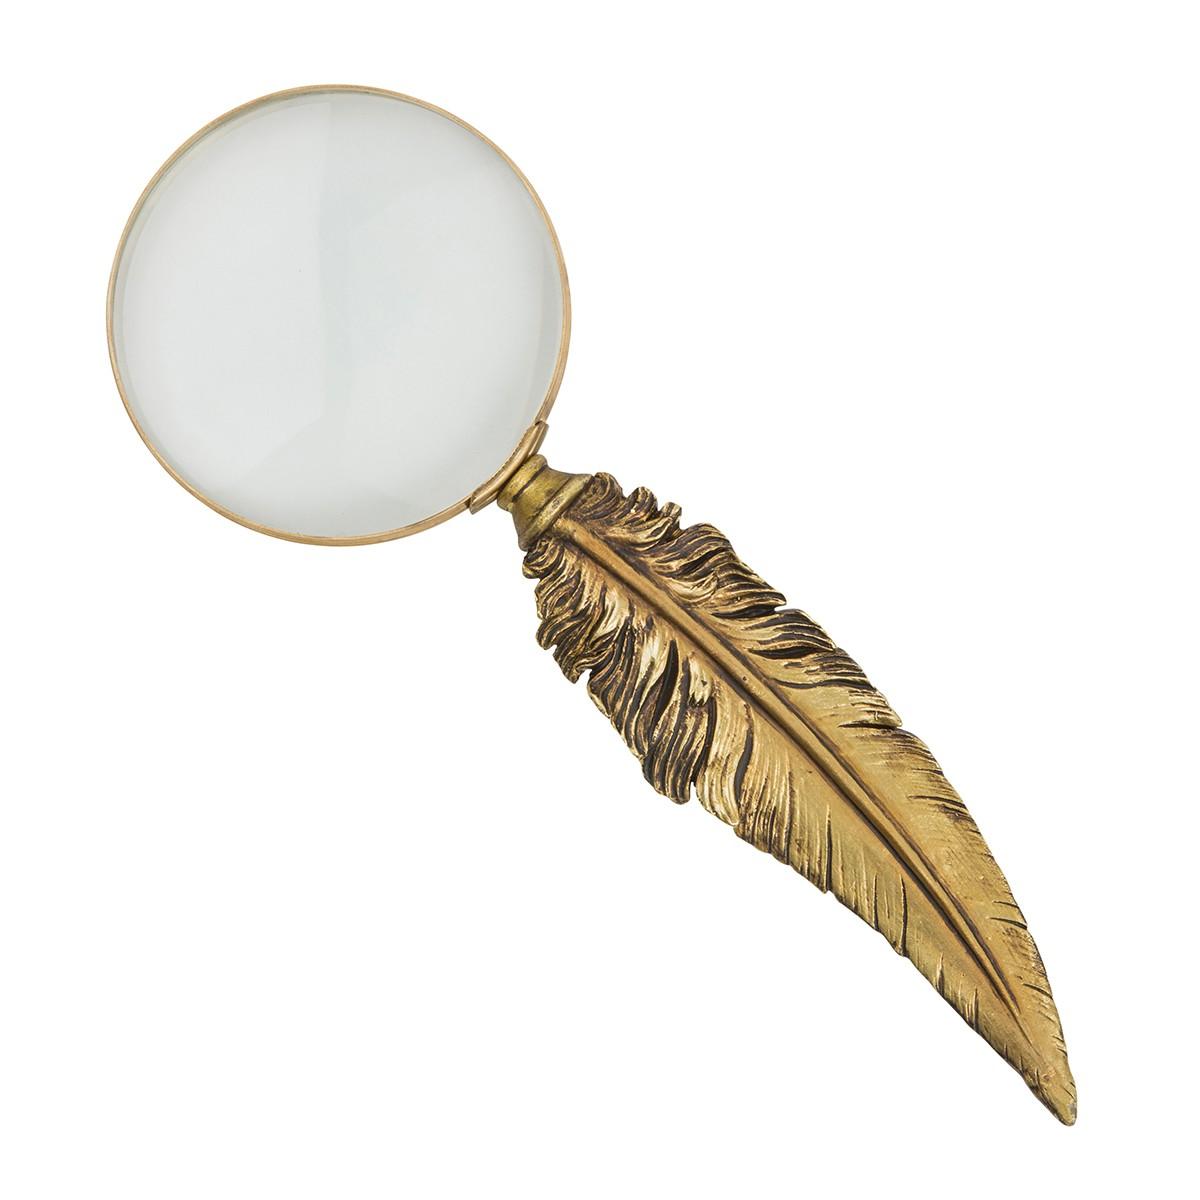 forstoringsglas fjader anglais gold leaf mässing